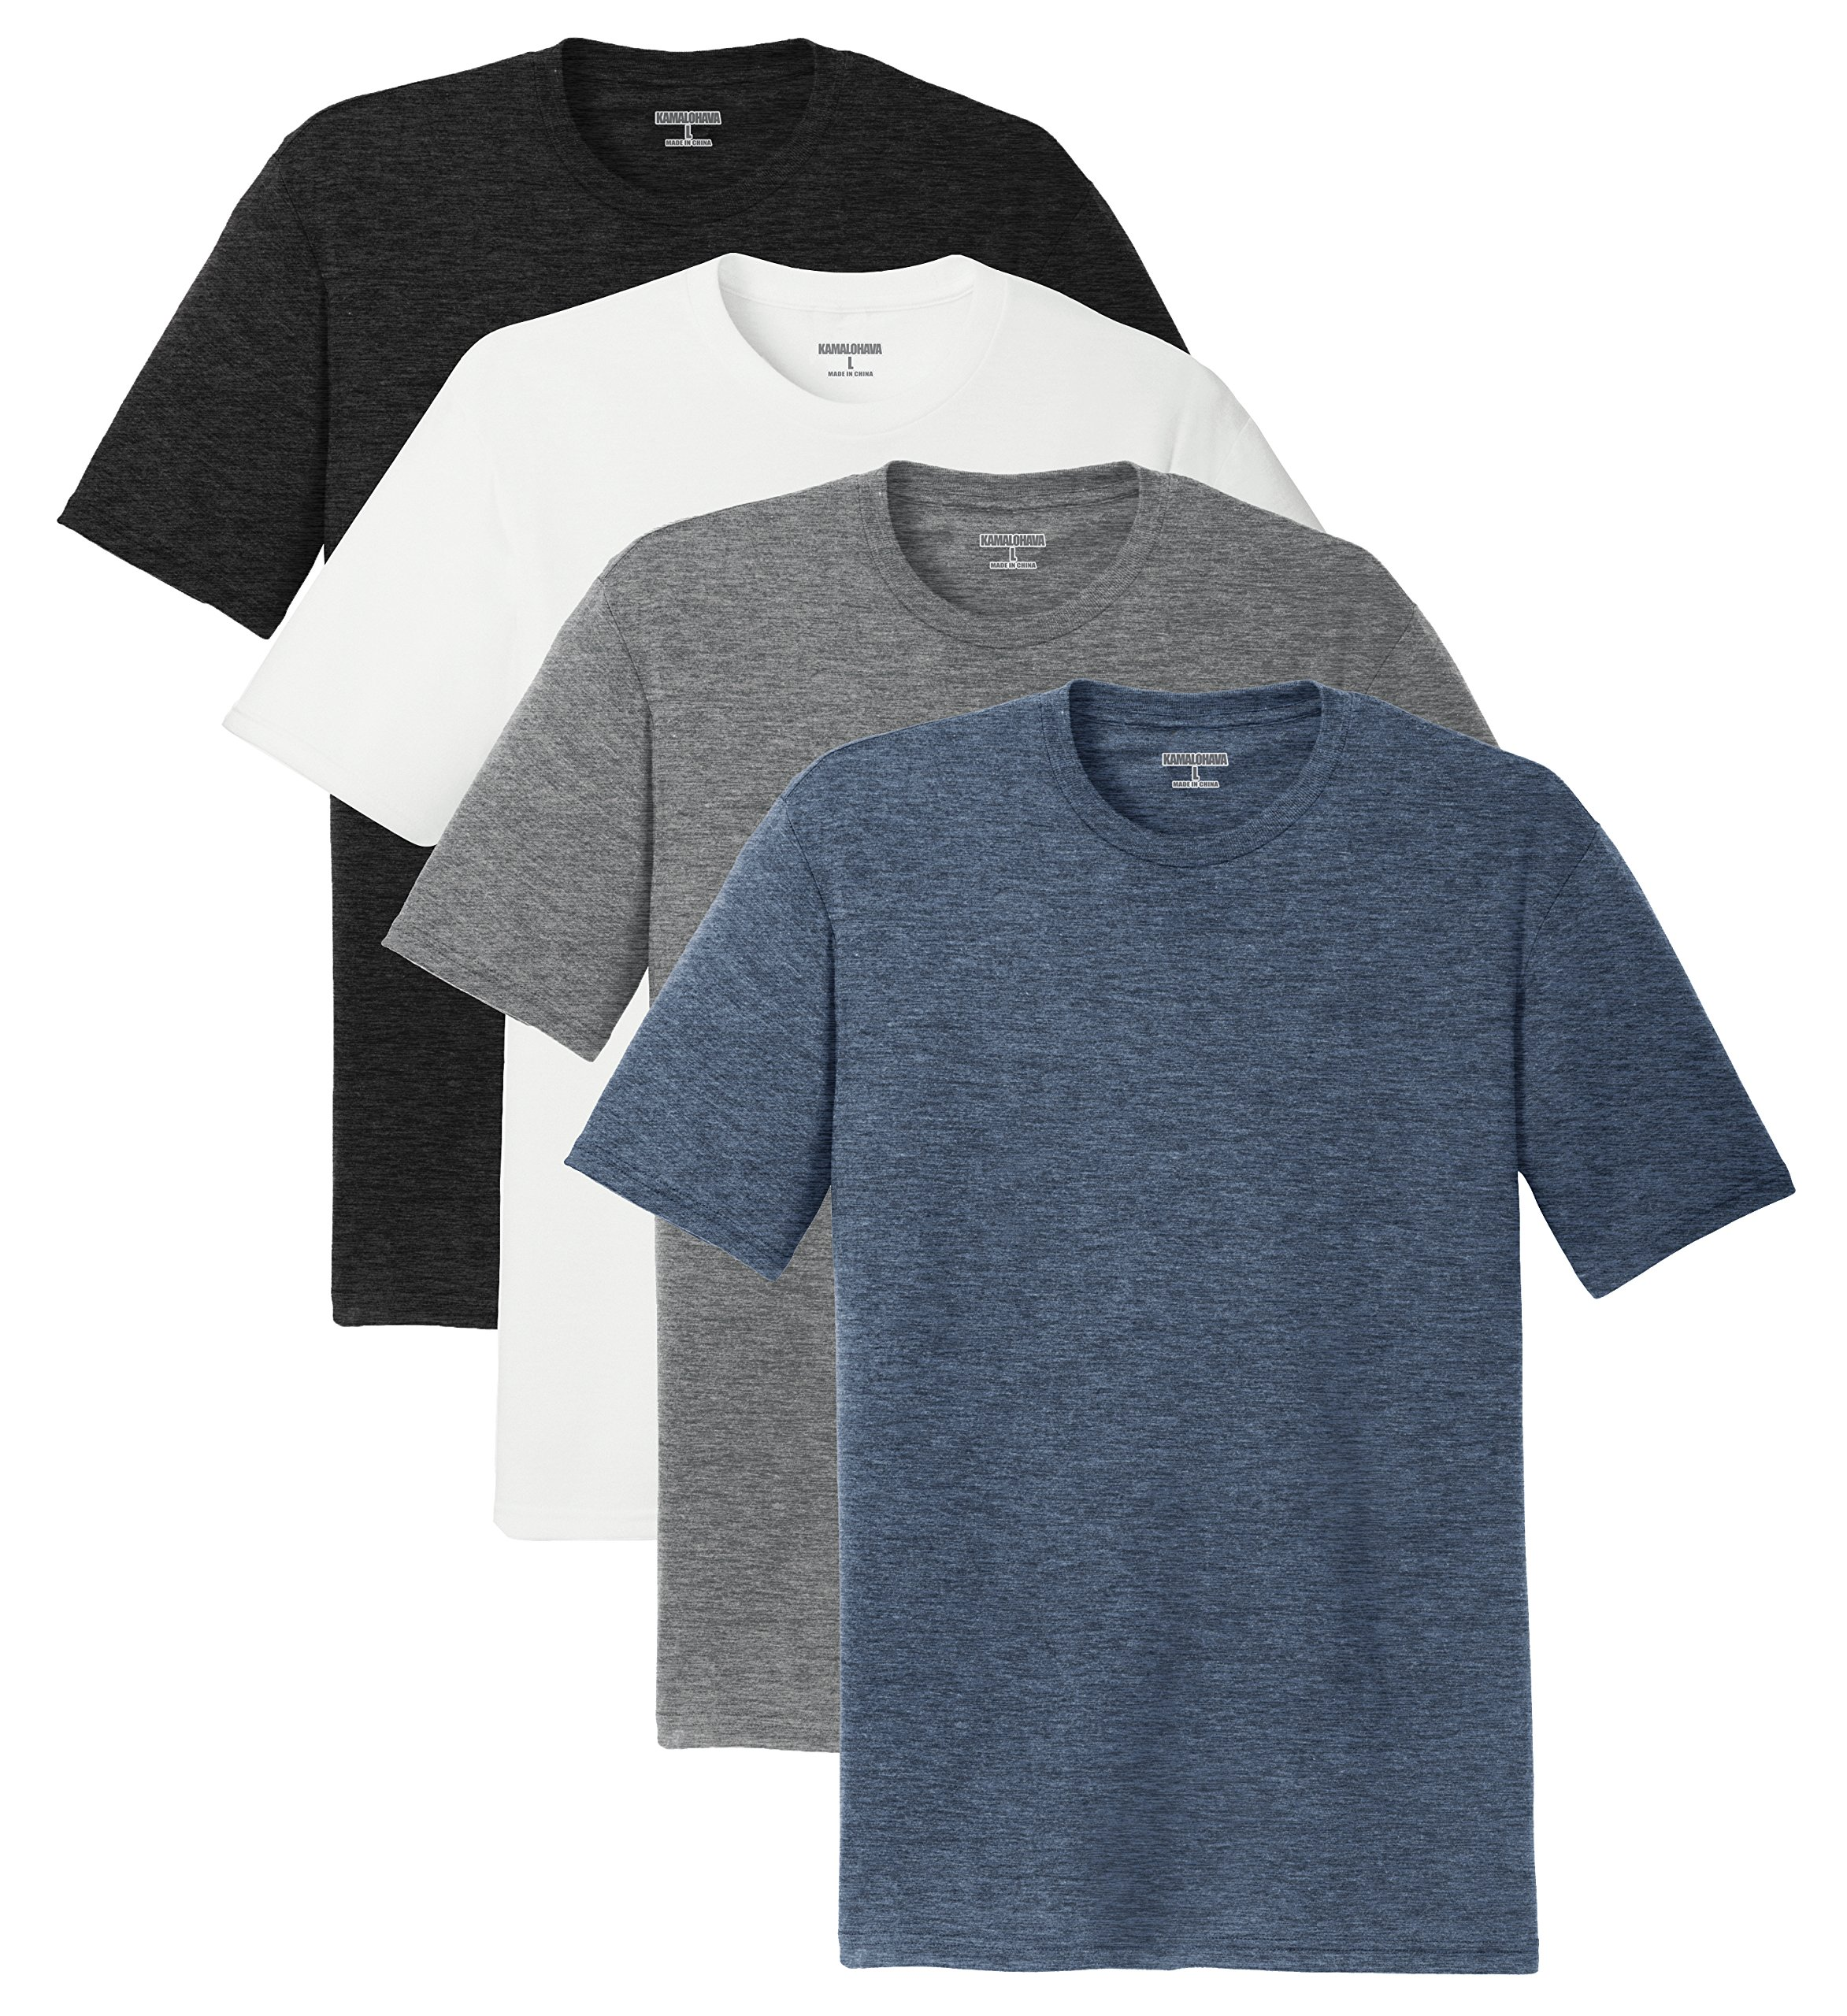 KAMAL OHAVA Men's Tri Blend Short Sleeve Tee (Pack of 4), 4XL, BK/WH/GY/Navy